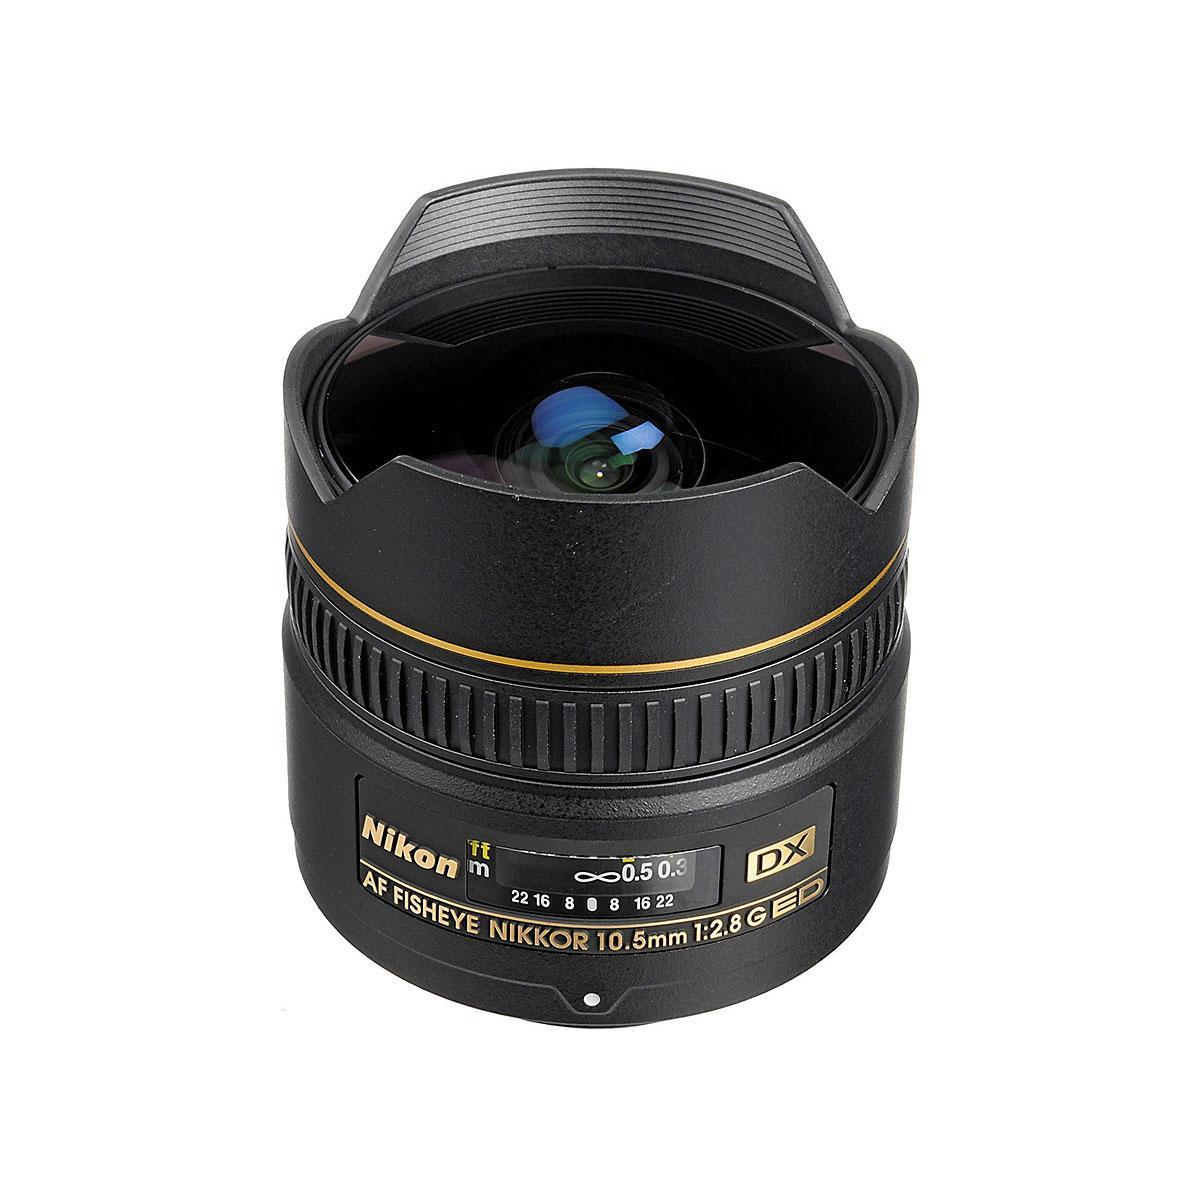 Nikon AF-S DX Fisheye Nikkor 10,5mm f/2.8G IF-ED